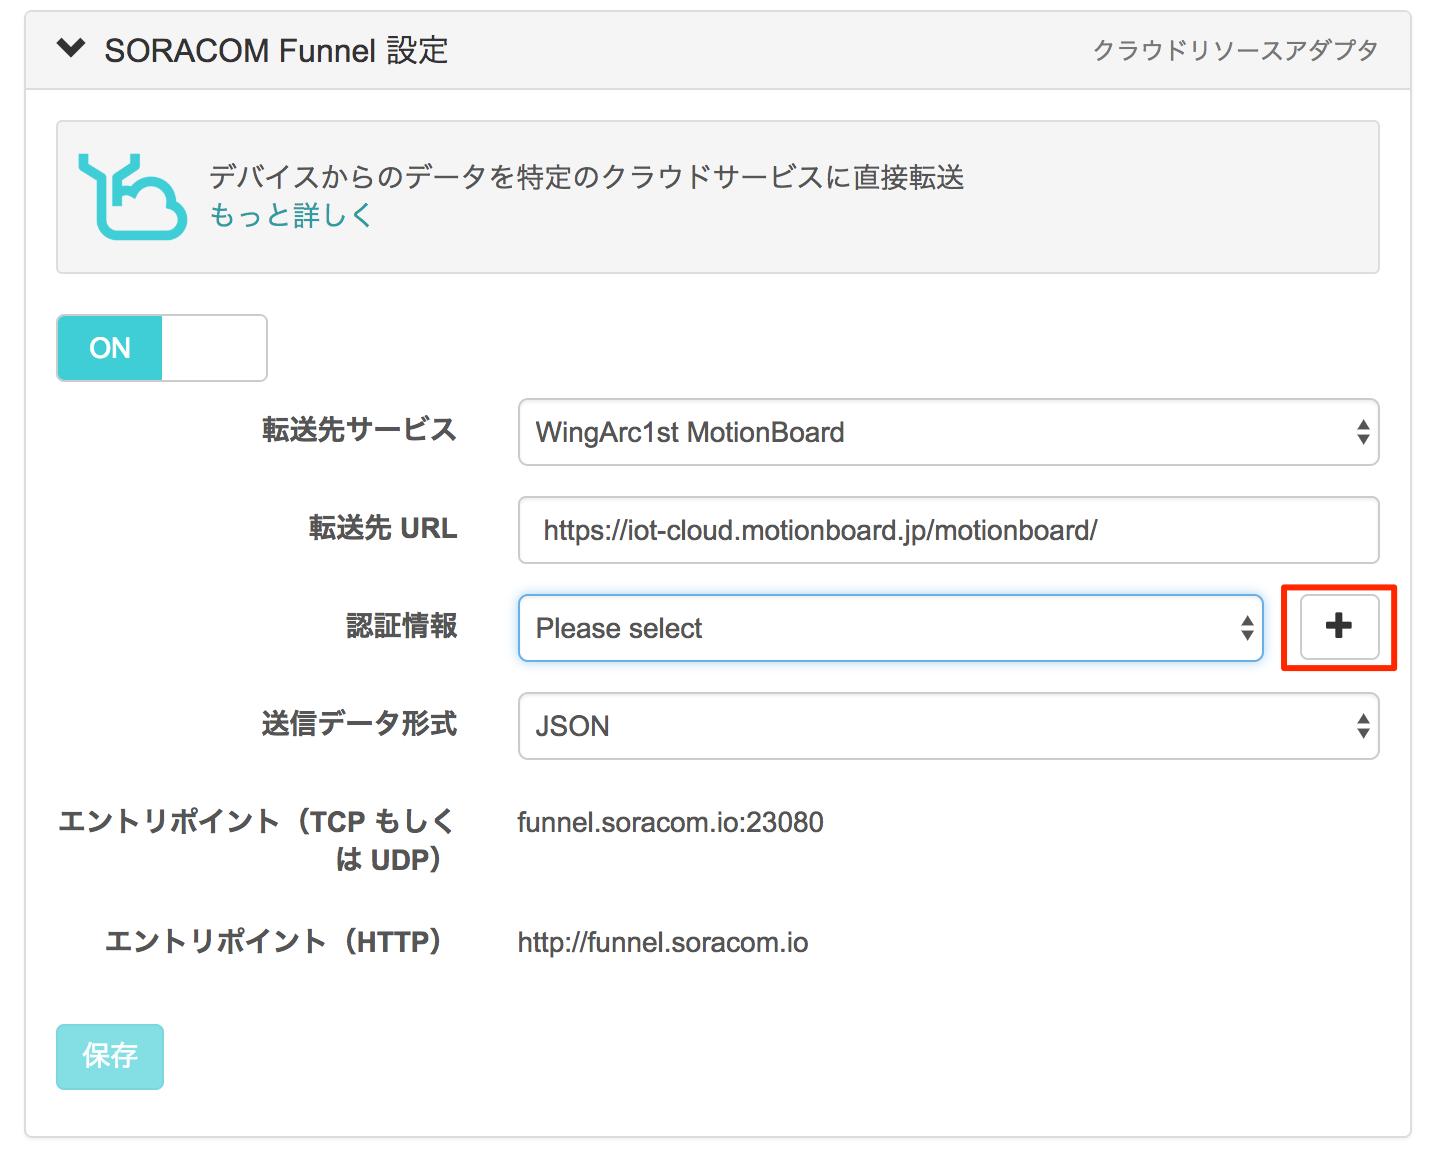 005_SIM_グループ_-_SORACOM_ユーザーコンソール.png